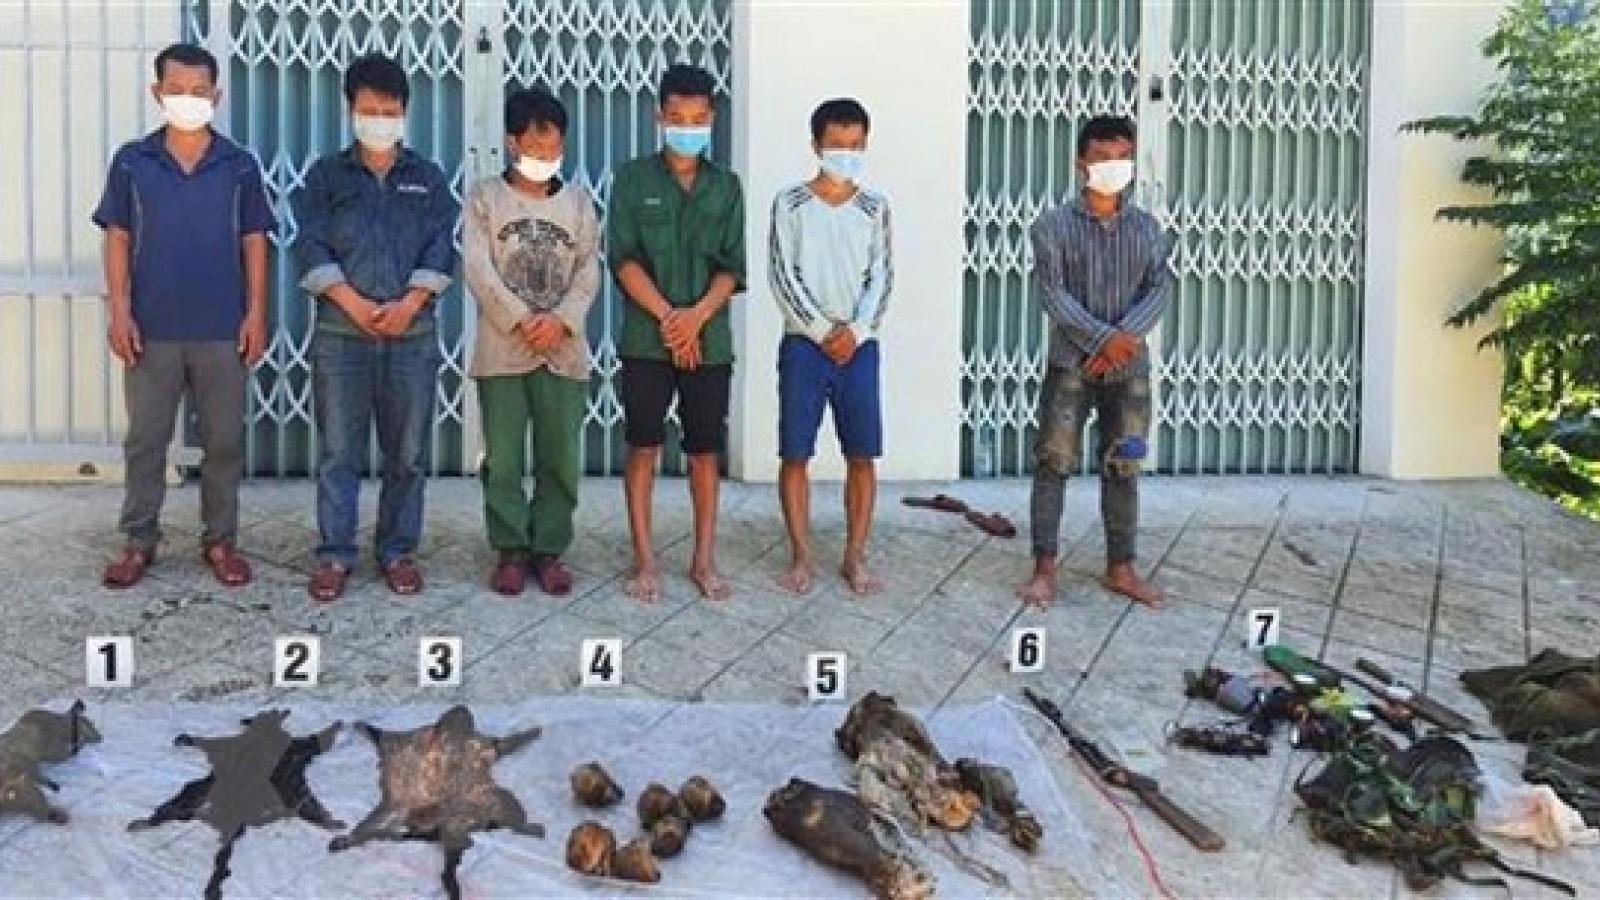 Bắt 6 đối tượng săn bắn nhiều động vật hoang dã ở Vườn quốc gia Bạch Mã